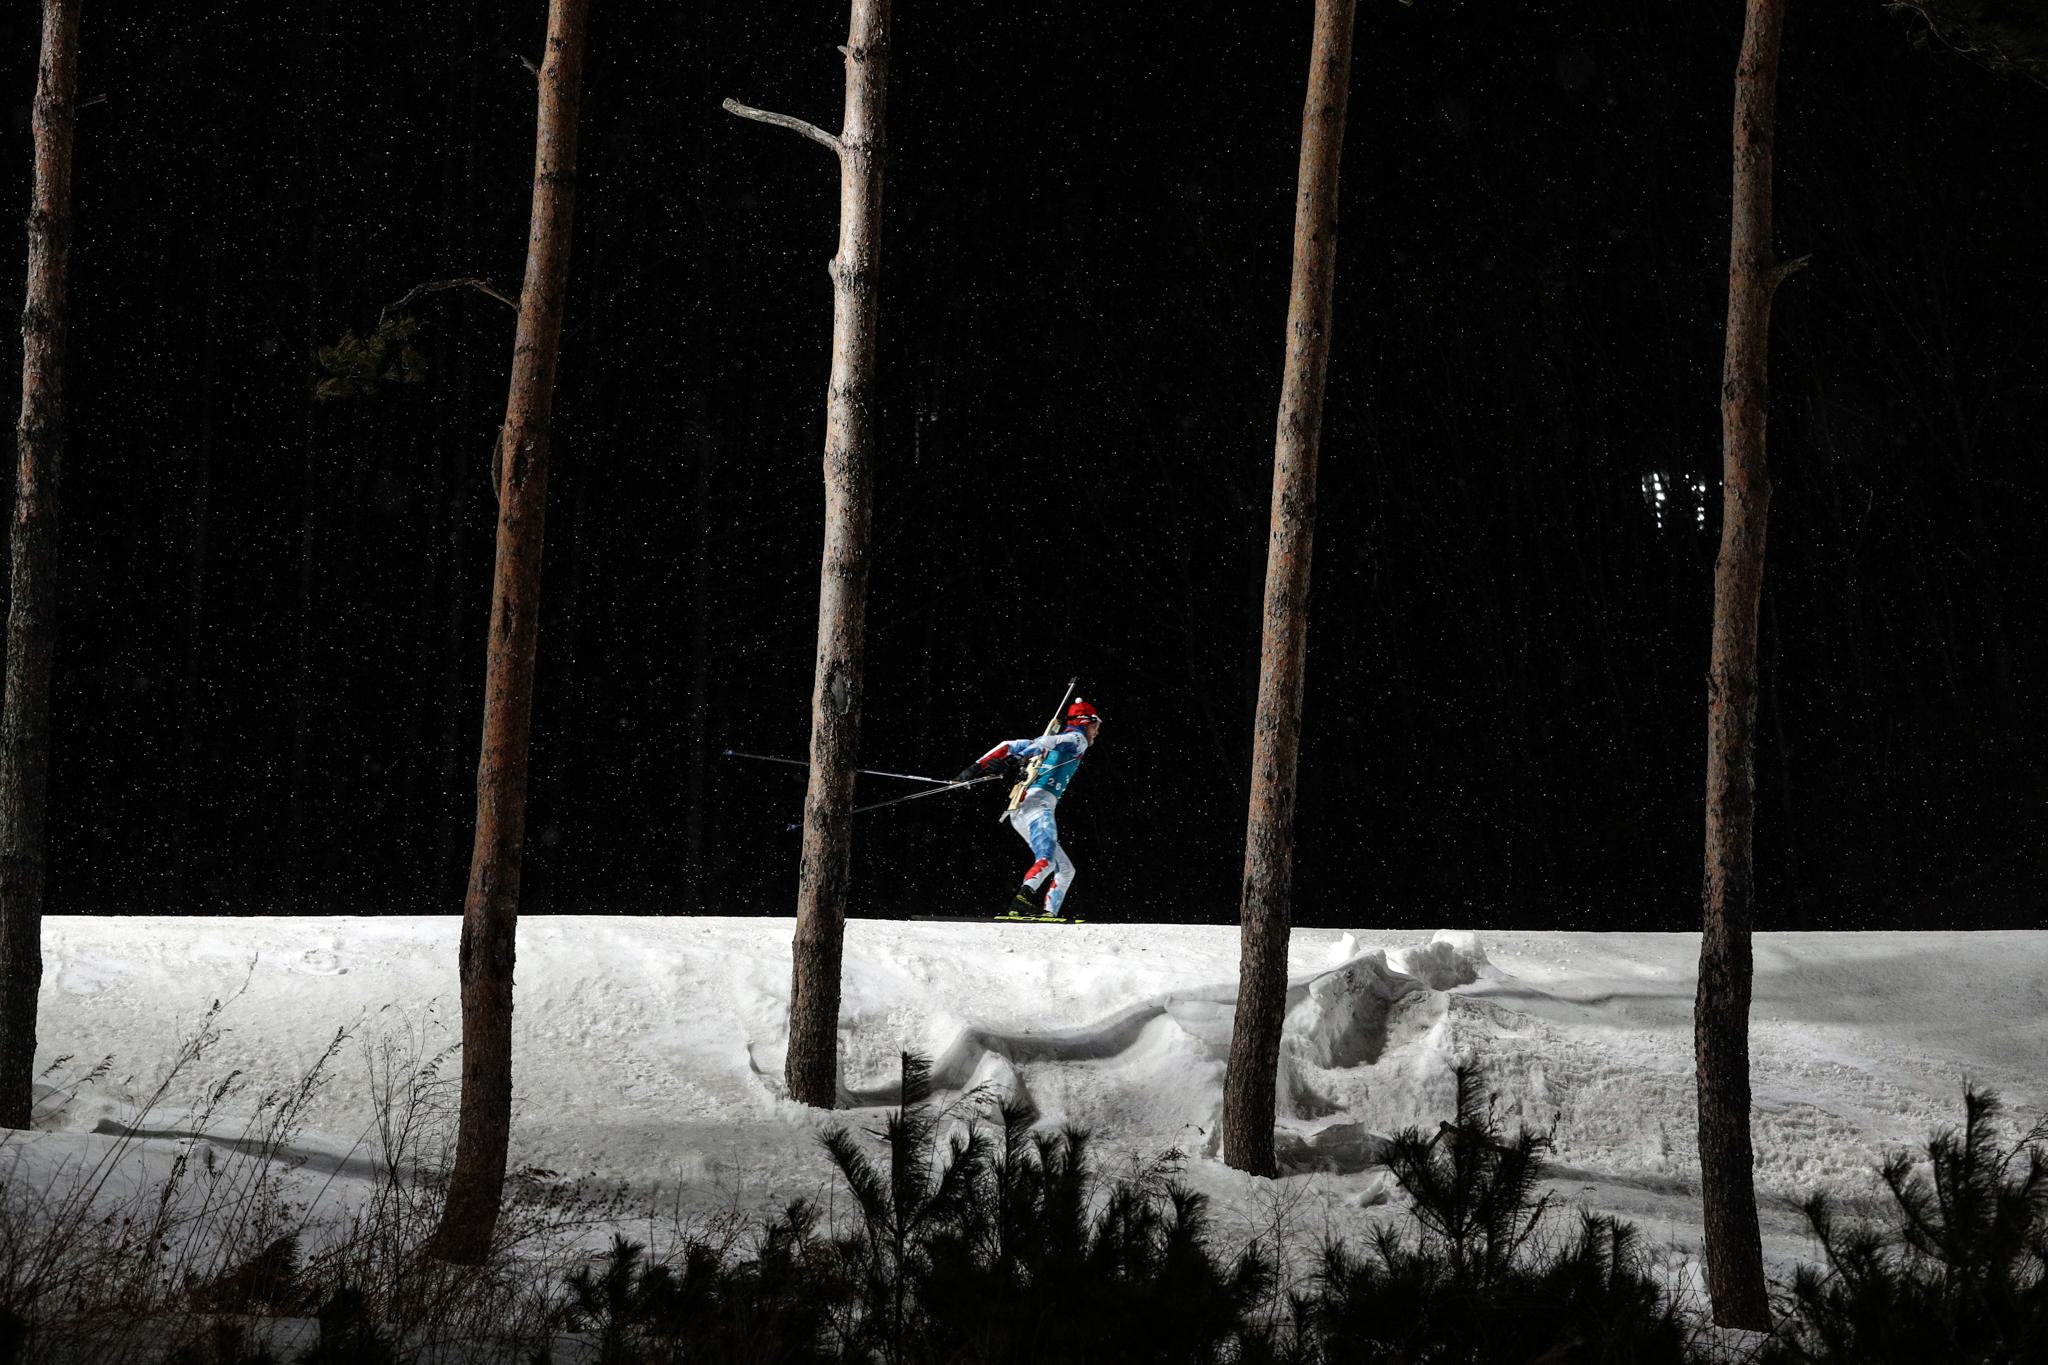 Pessoa esquiando à noite perto de fileira de árvores (© Andrew Medichini/AP Images)